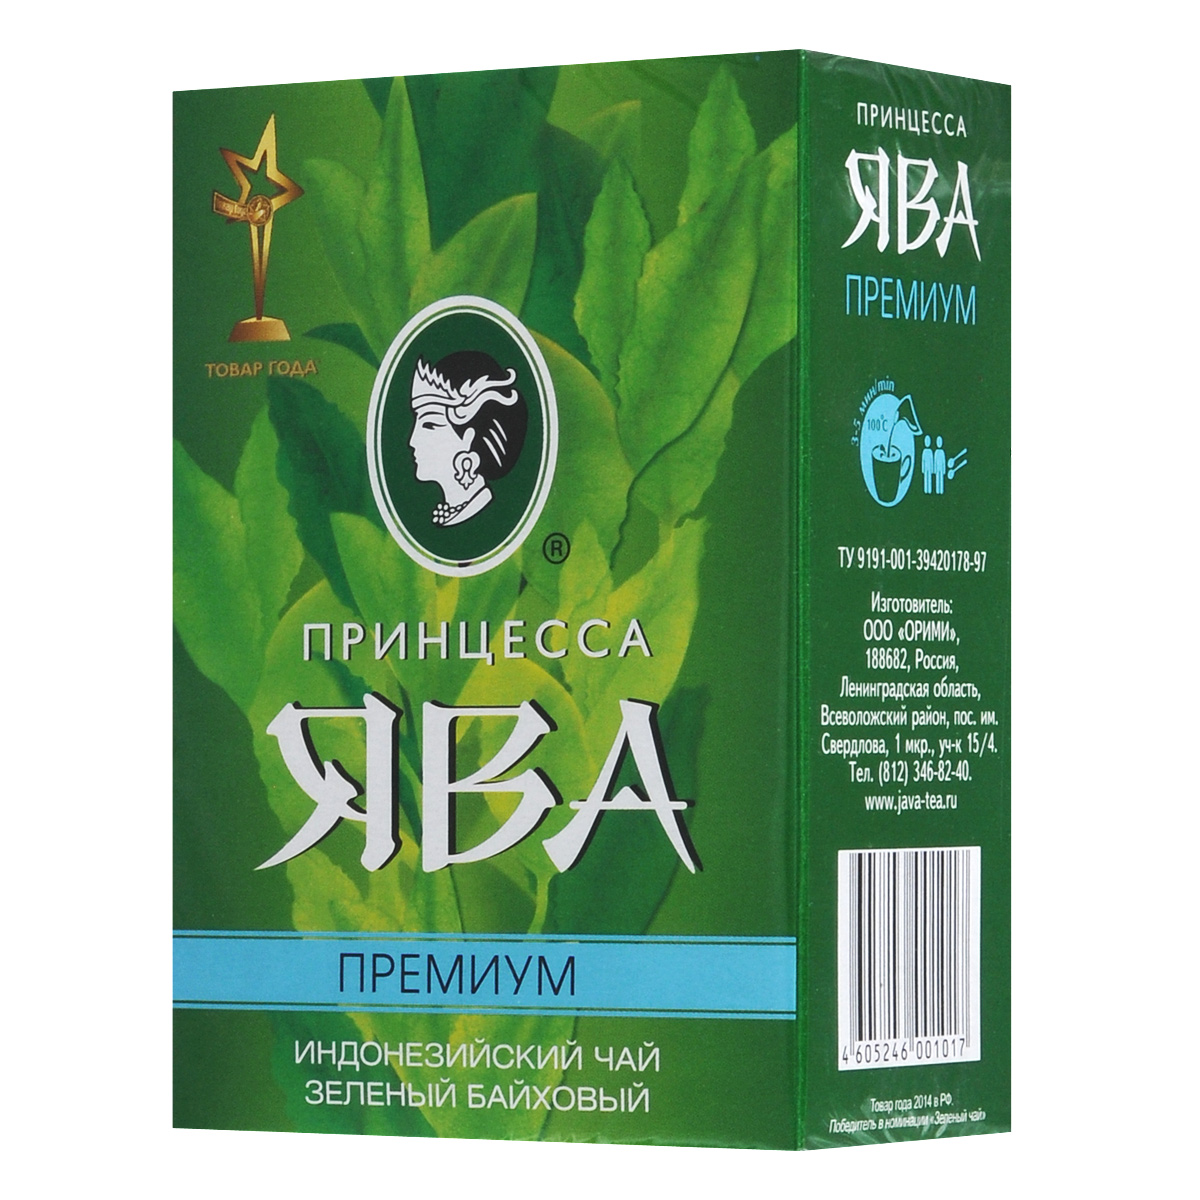 Принцесса Ява Премиум зеленый чай листовой, 100 г0101-64Индонезийский крупнолистовой зеленый чай Принцесса Ява Премиум популярен во всем мире благодаря особой экологической чистоте. По сравнению с традиционным китайским зеленым чаем, индонезийский считается более терпким, крепким.